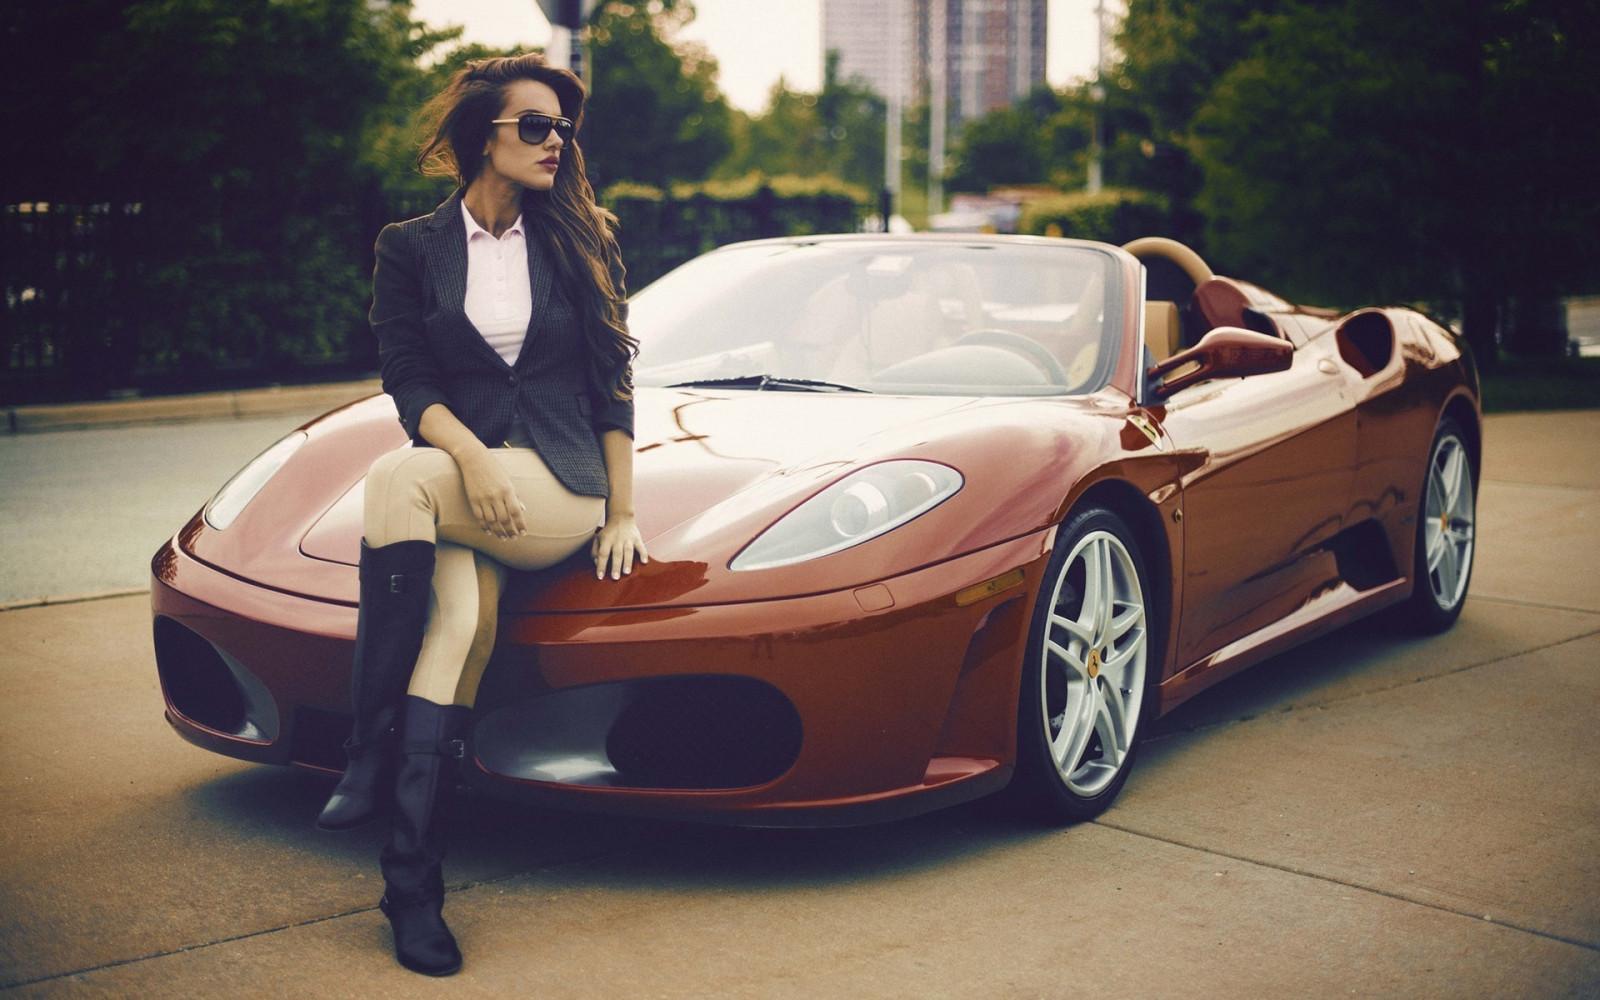 дорогие машины и красотки самый высокий мире